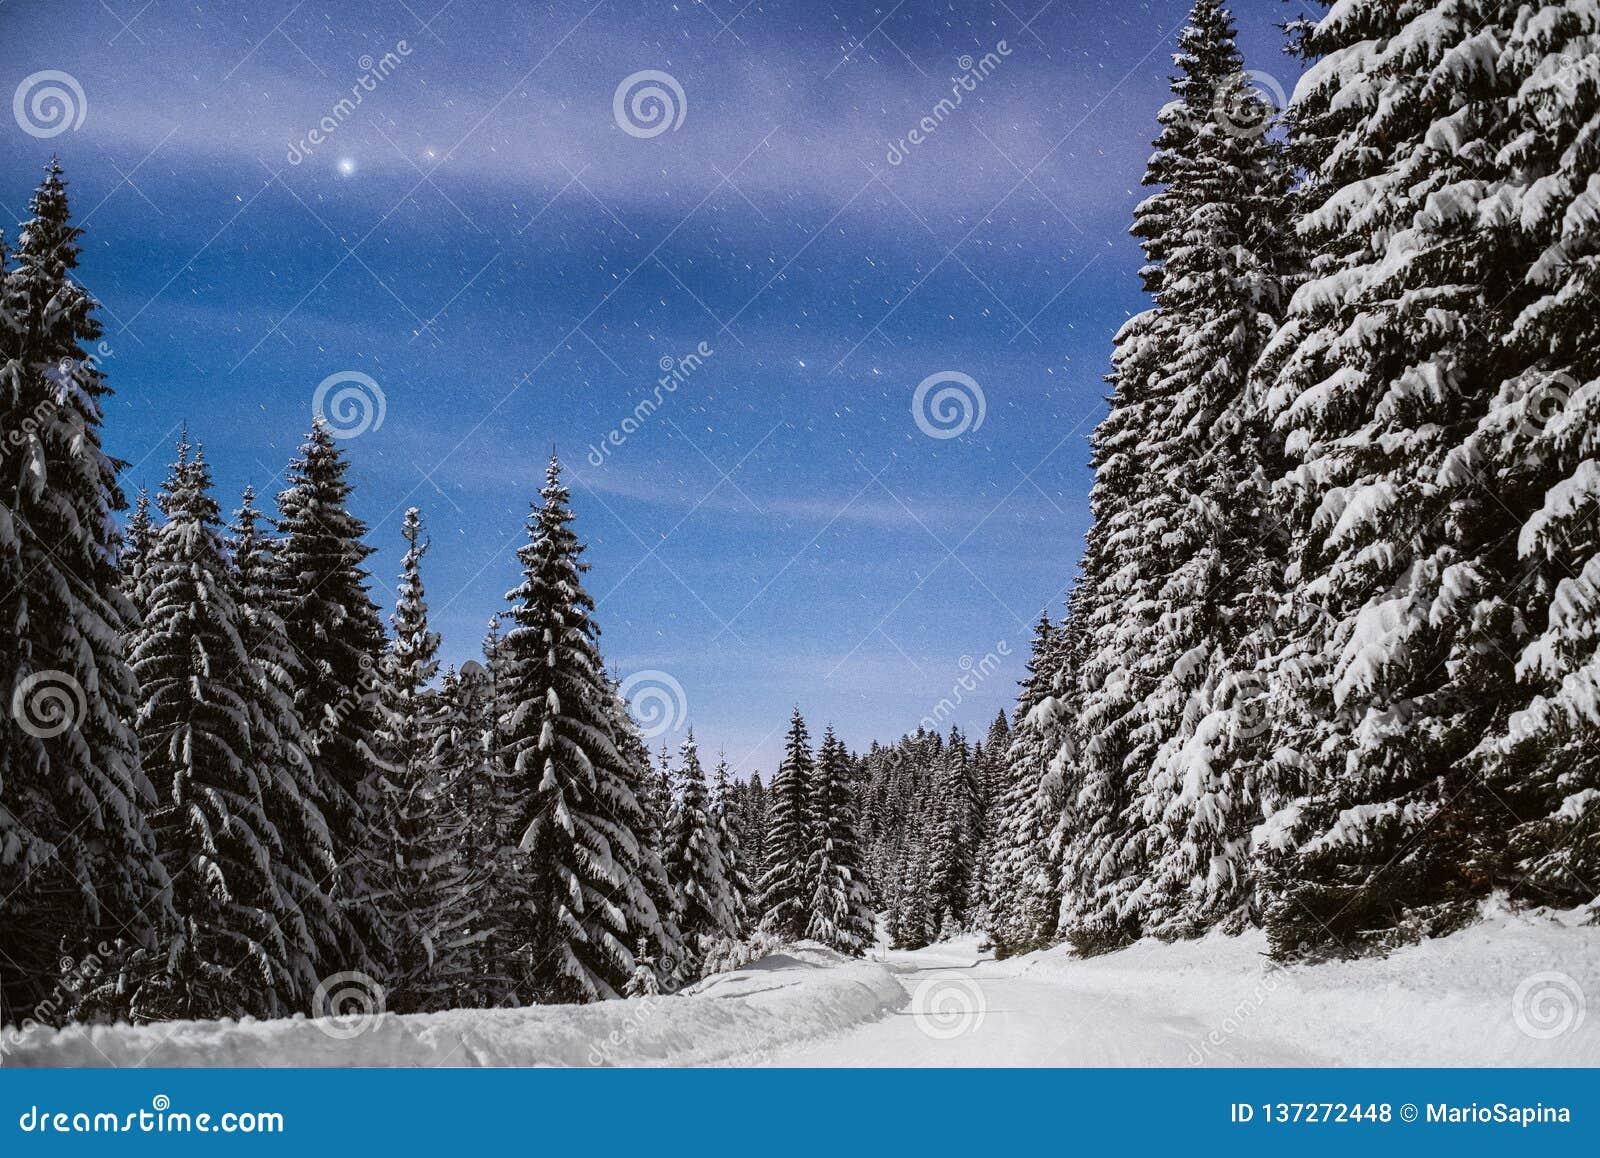 Weg door een sneeuwberg met pijnbomen